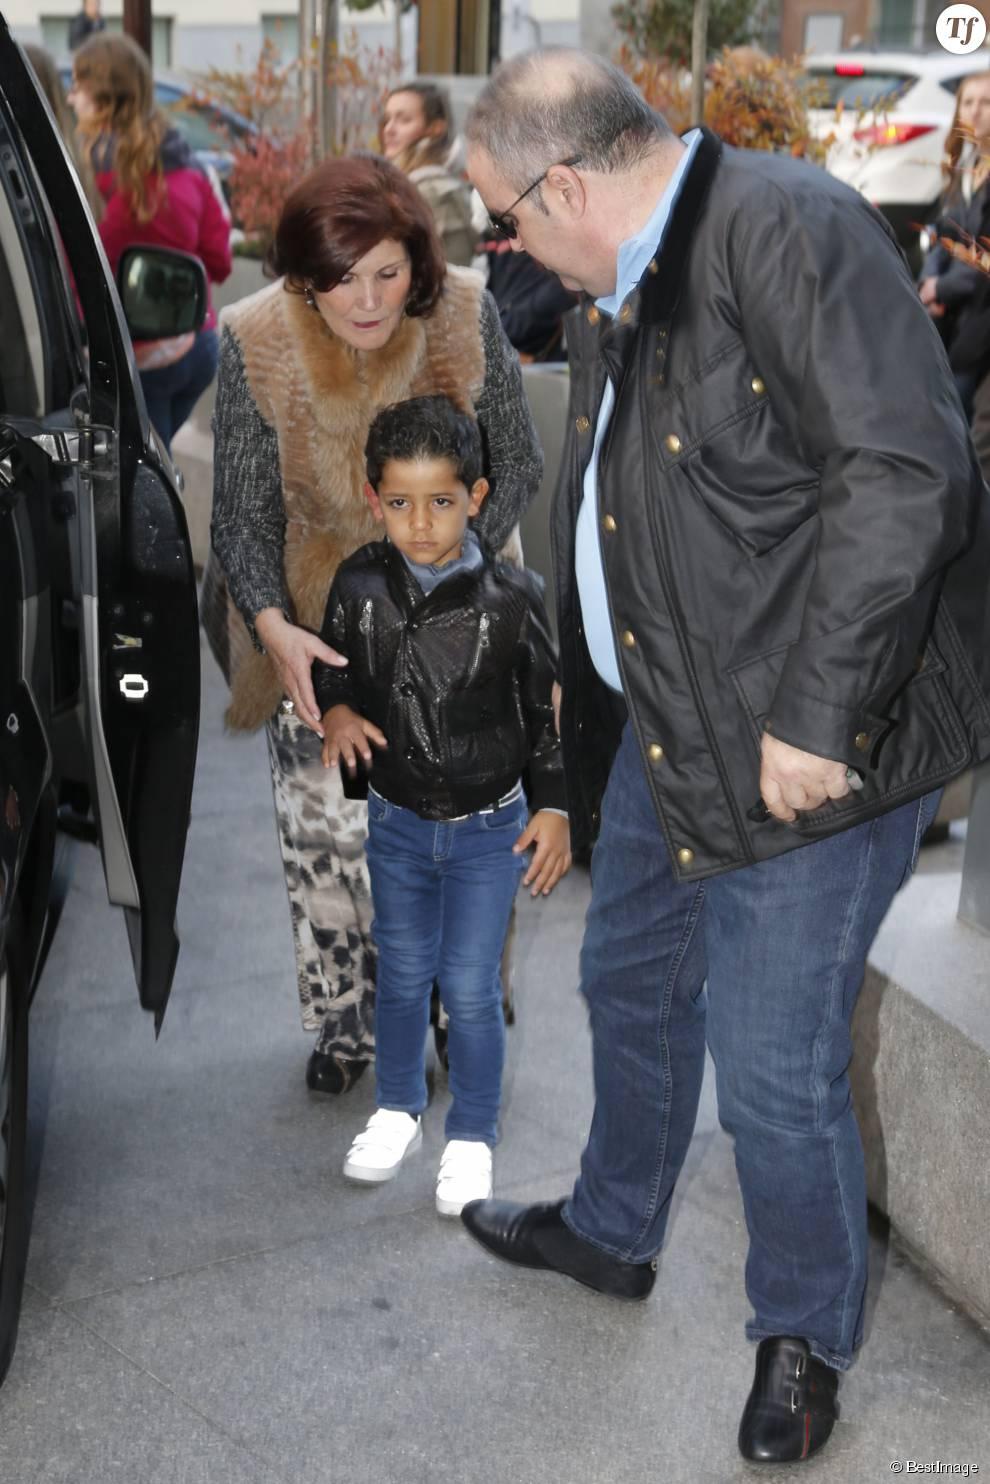 """Maria Dolores dos Santos Aveiro (mère de Cristiano Ronaldo) avec son petit fils Cristiano Ronaldo Jr - Cristiano Ronaldo assiste à la présentation du livre""""La clave Mendes"""" à Madrid en Espagne le 22 janvier 2015."""